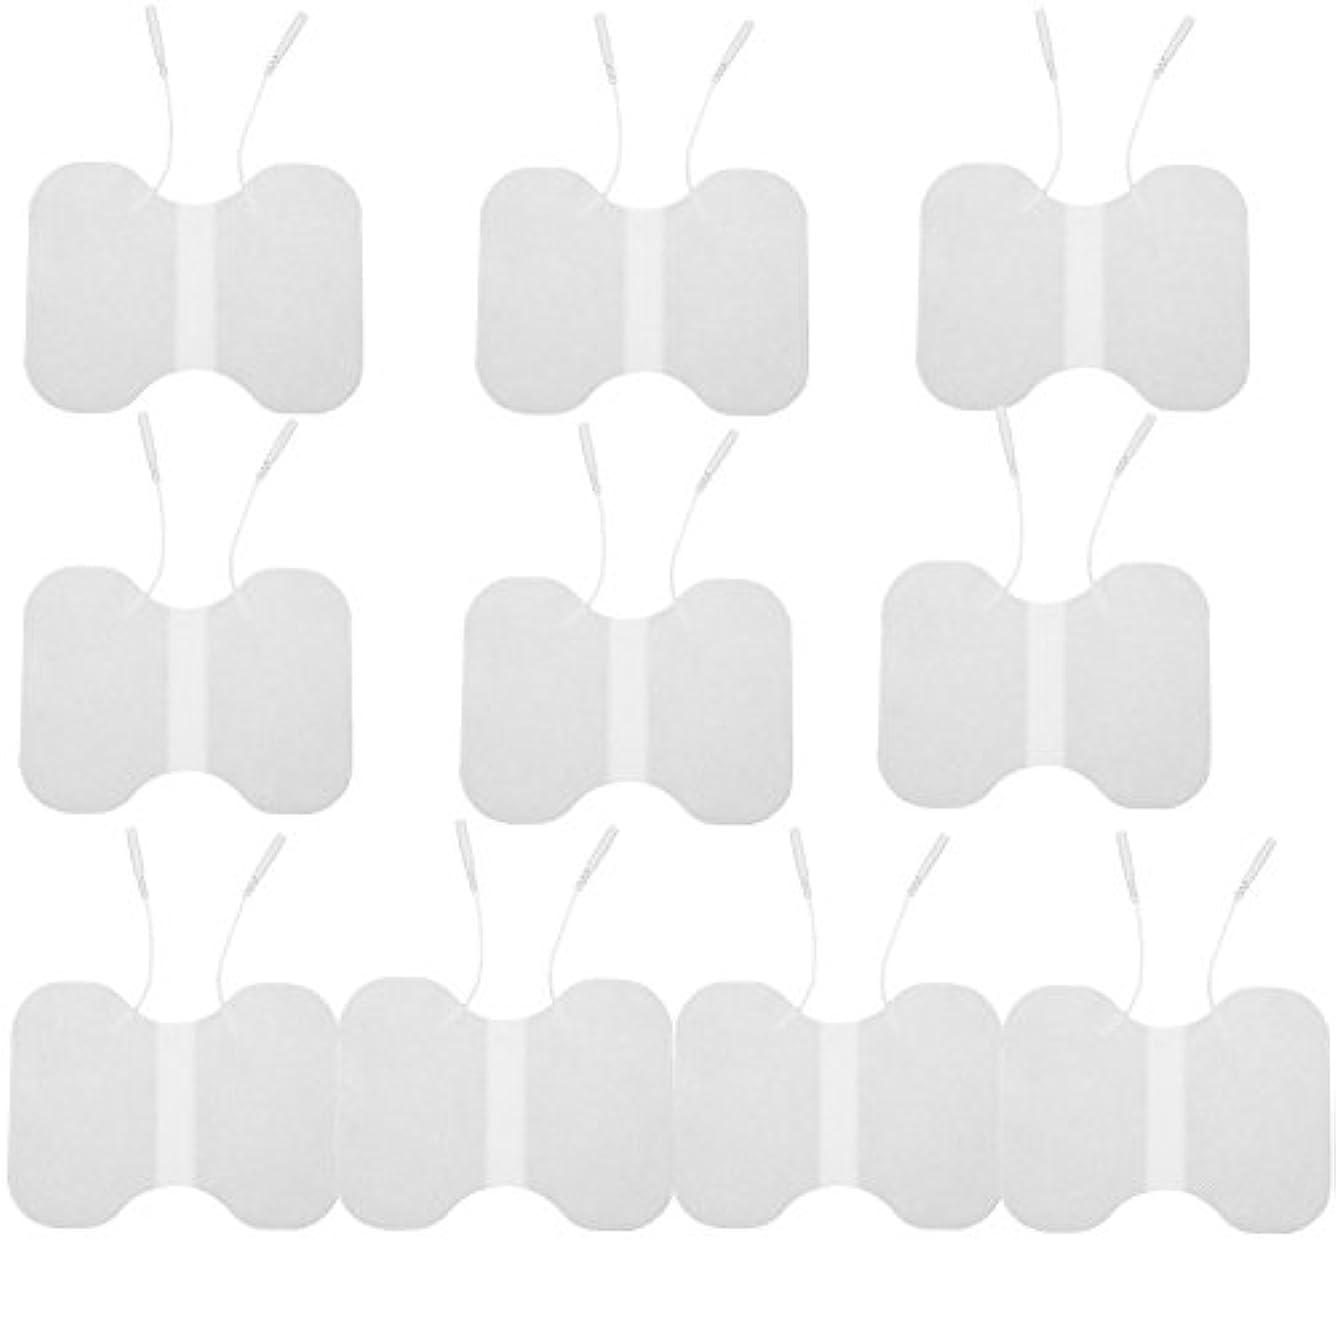 遺伝的朝ごはんたくさん電極パッド、1Pc再利用可能な自己接着性電極パッチが体内の循環を改善し代謝を促進する効果